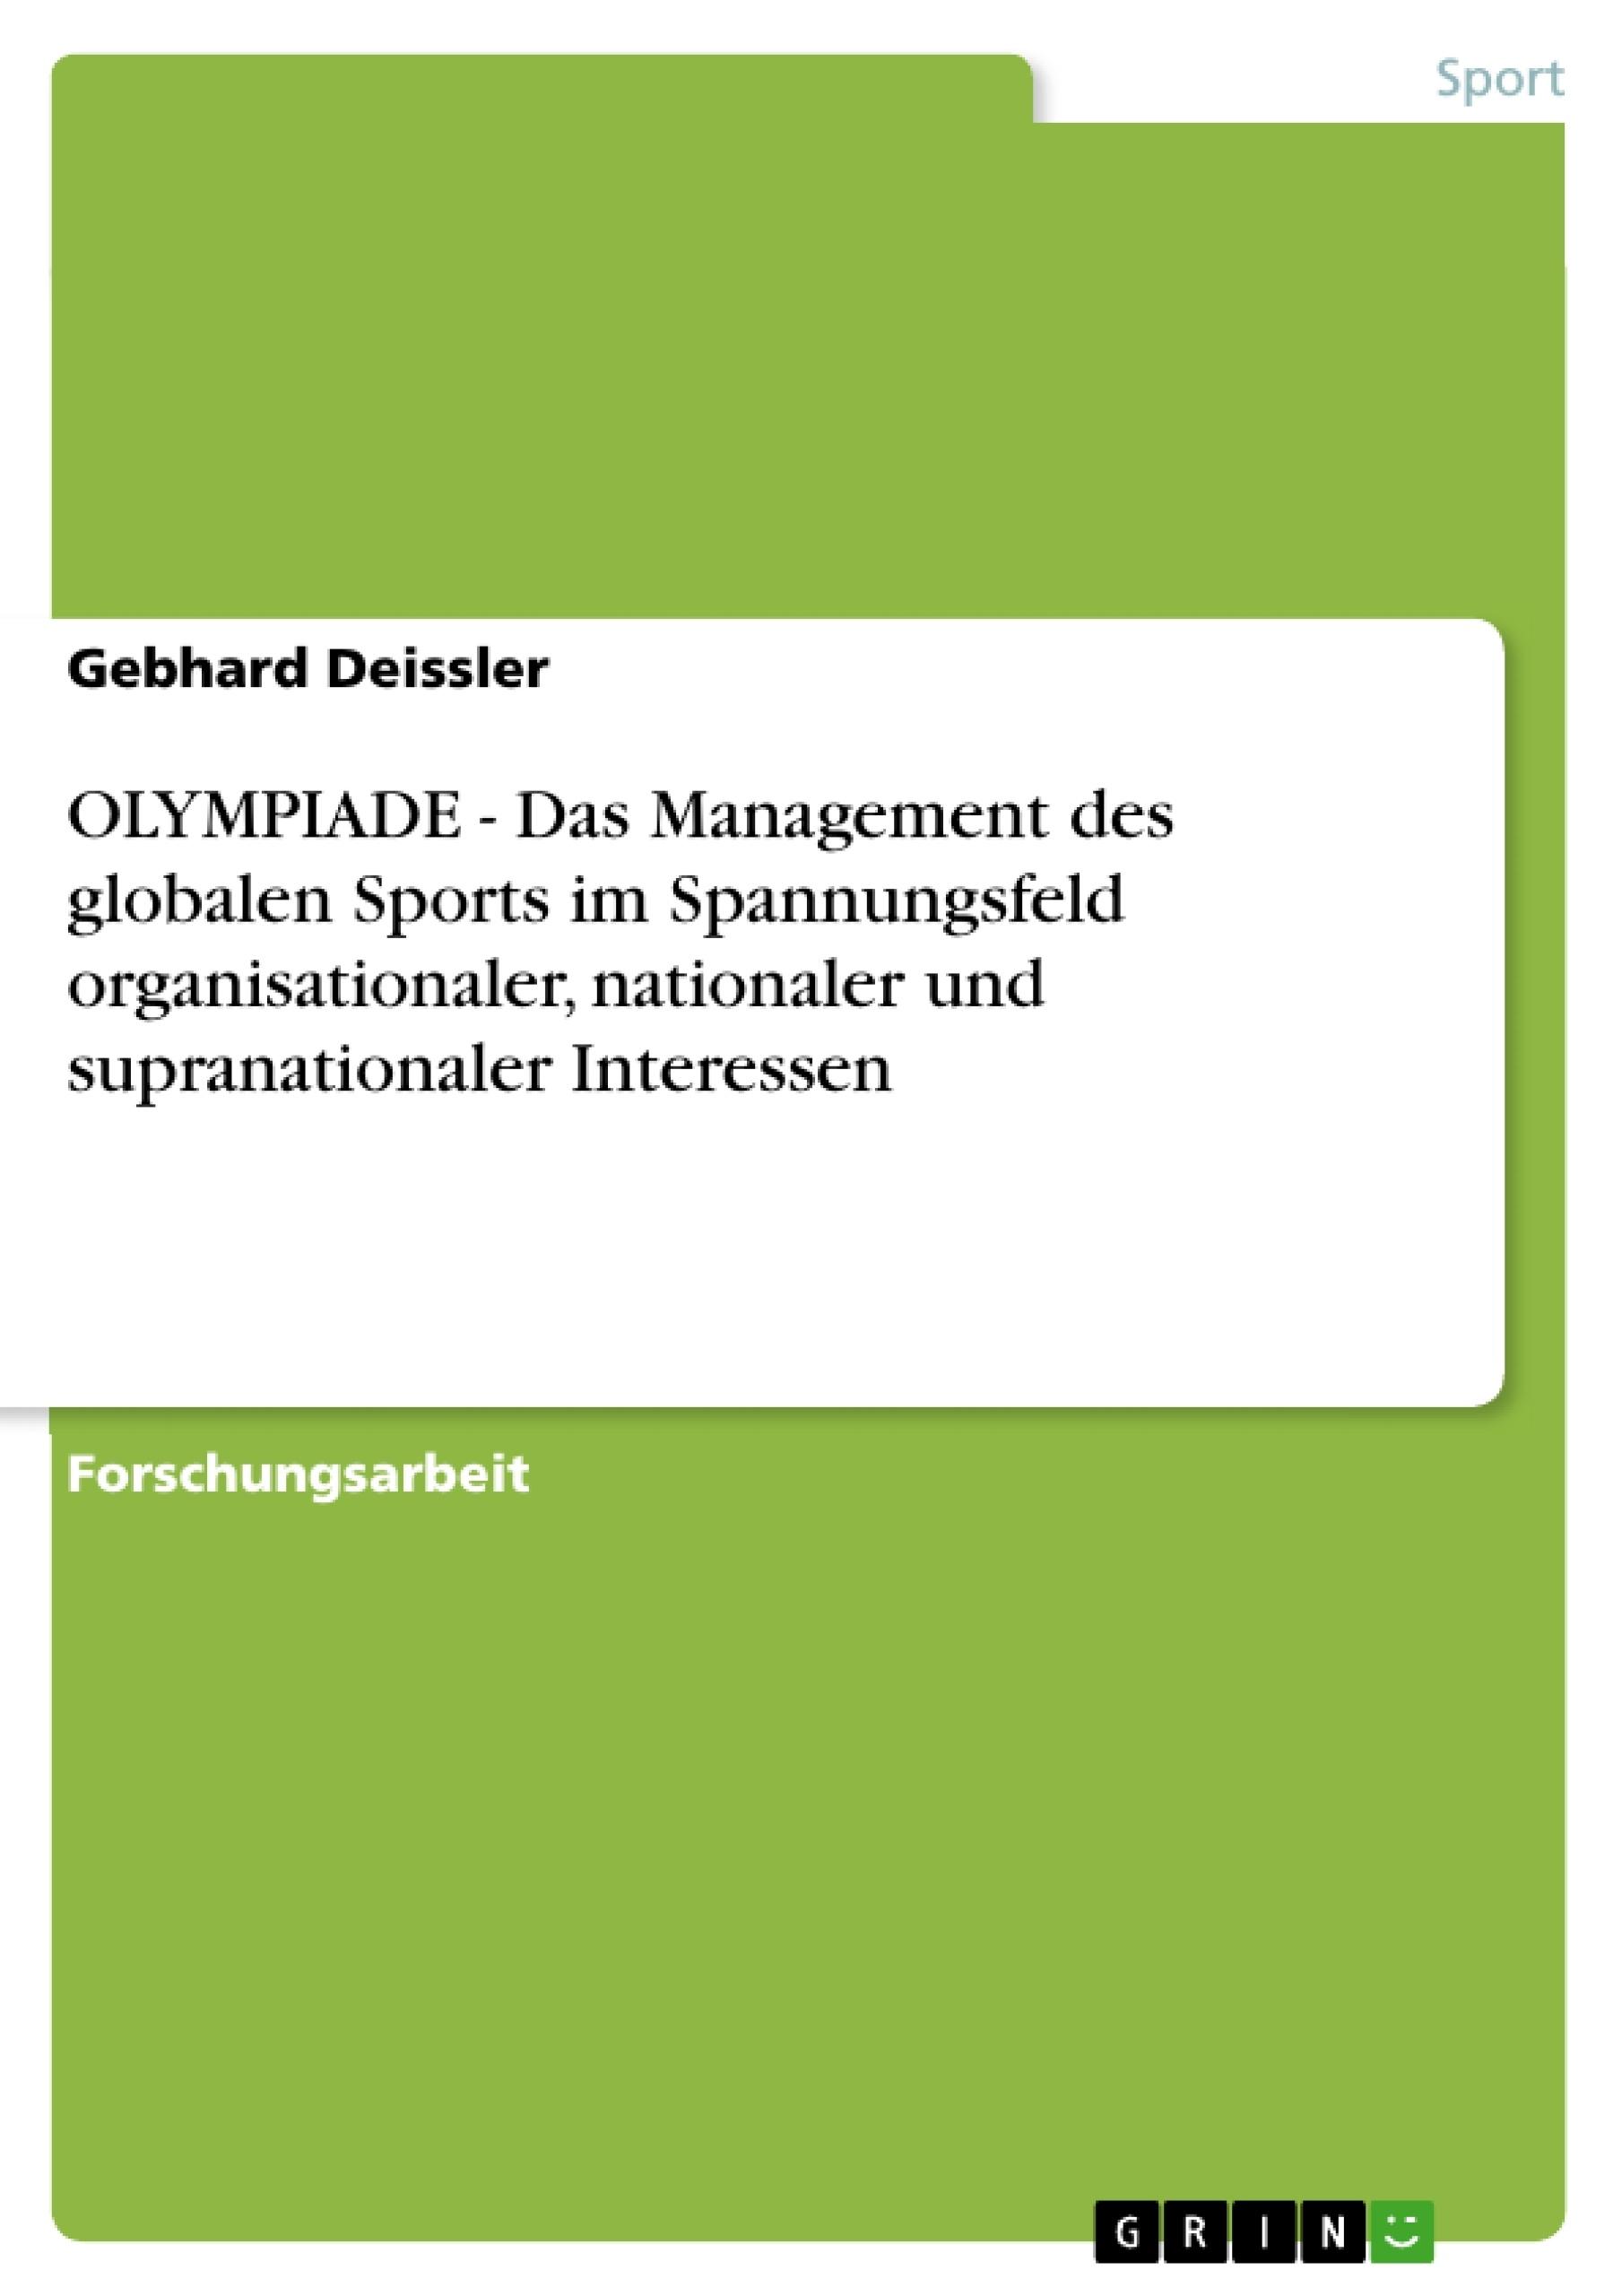 Titel: OLYMPIADE - Das Management des globalen Sports im Spannungsfeld organisationaler, nationaler und supranationaler Interessen